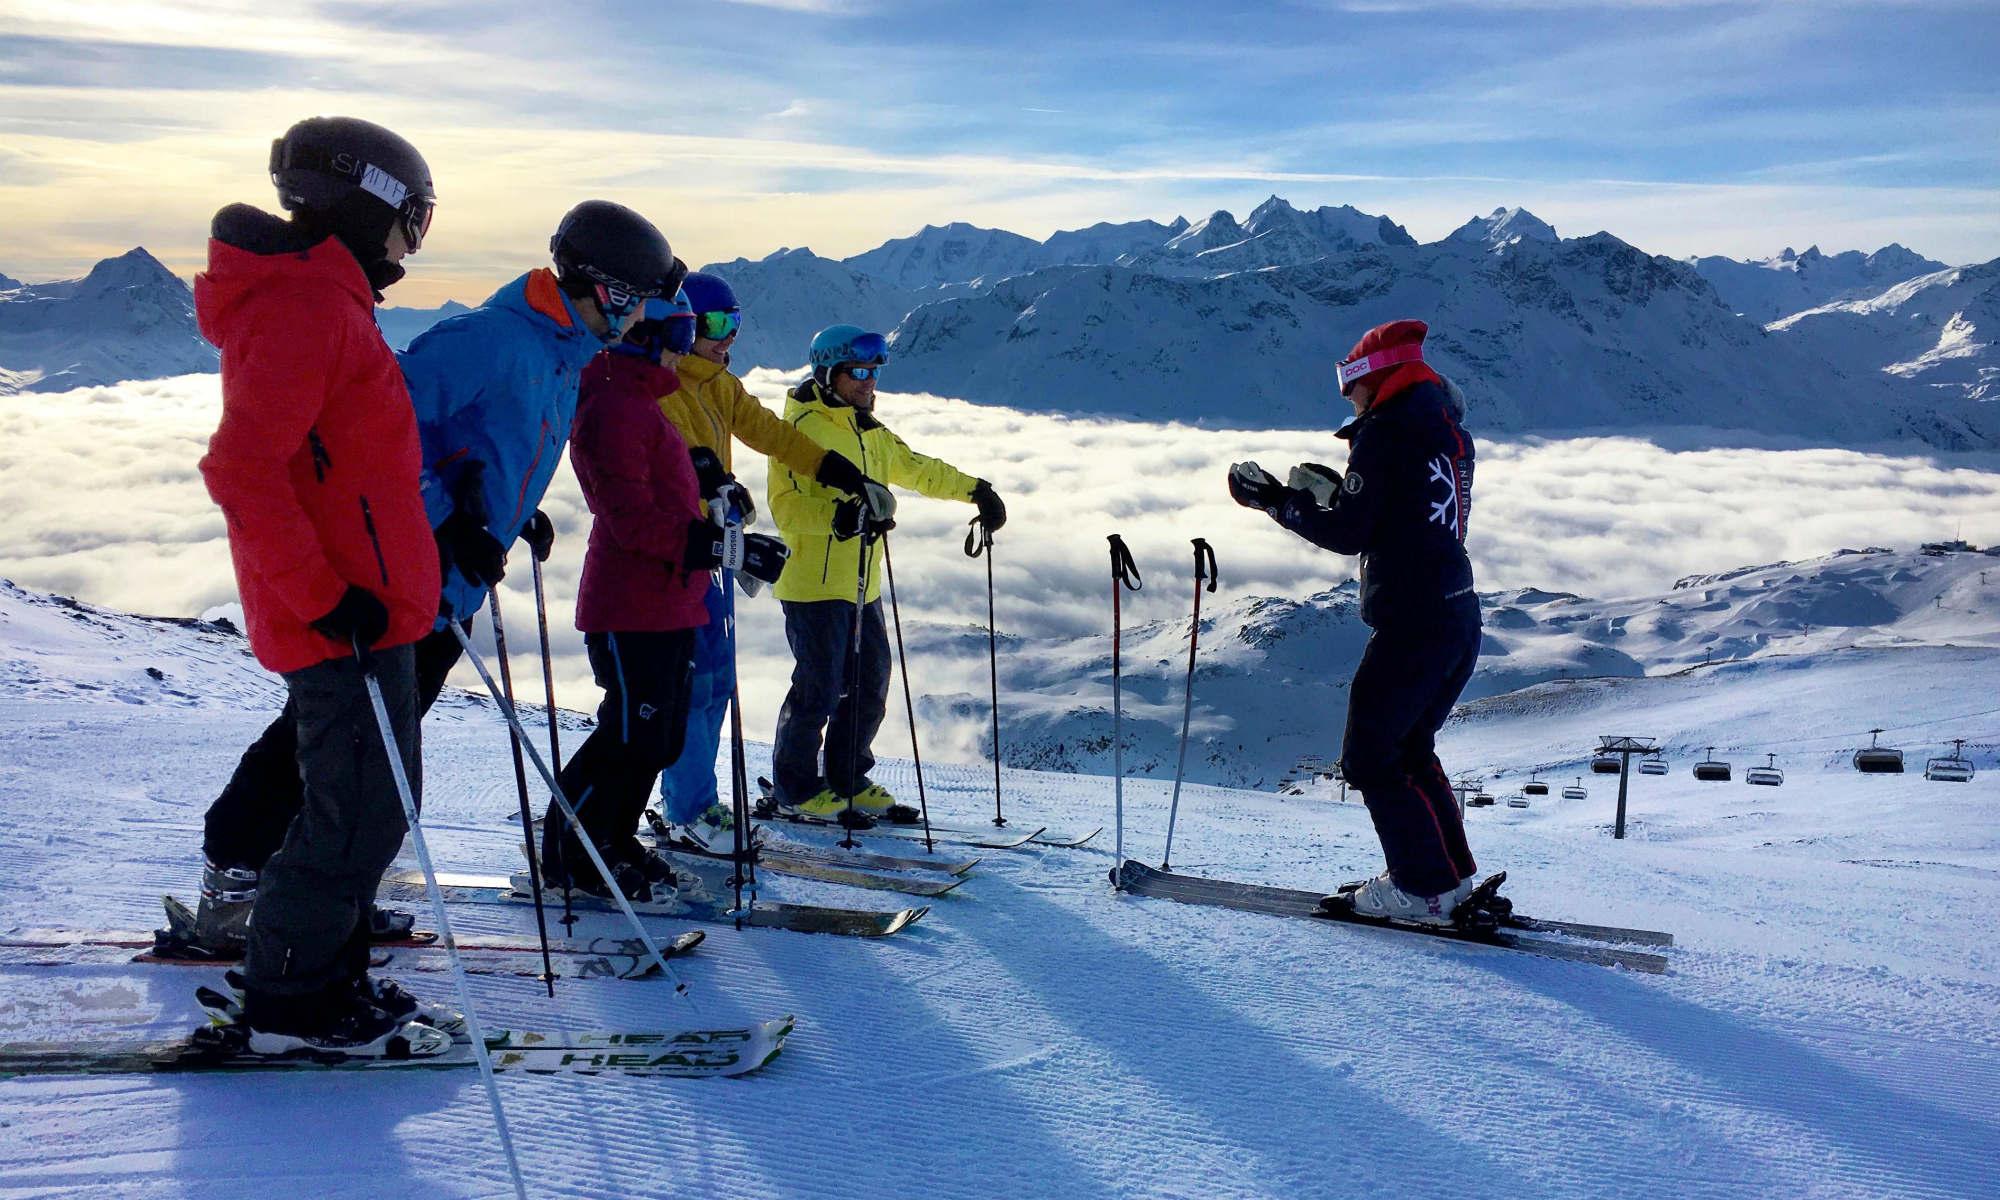 Ein Skilehrer steht mit einer Gruppe von Skifahrern am Rand der Piste.